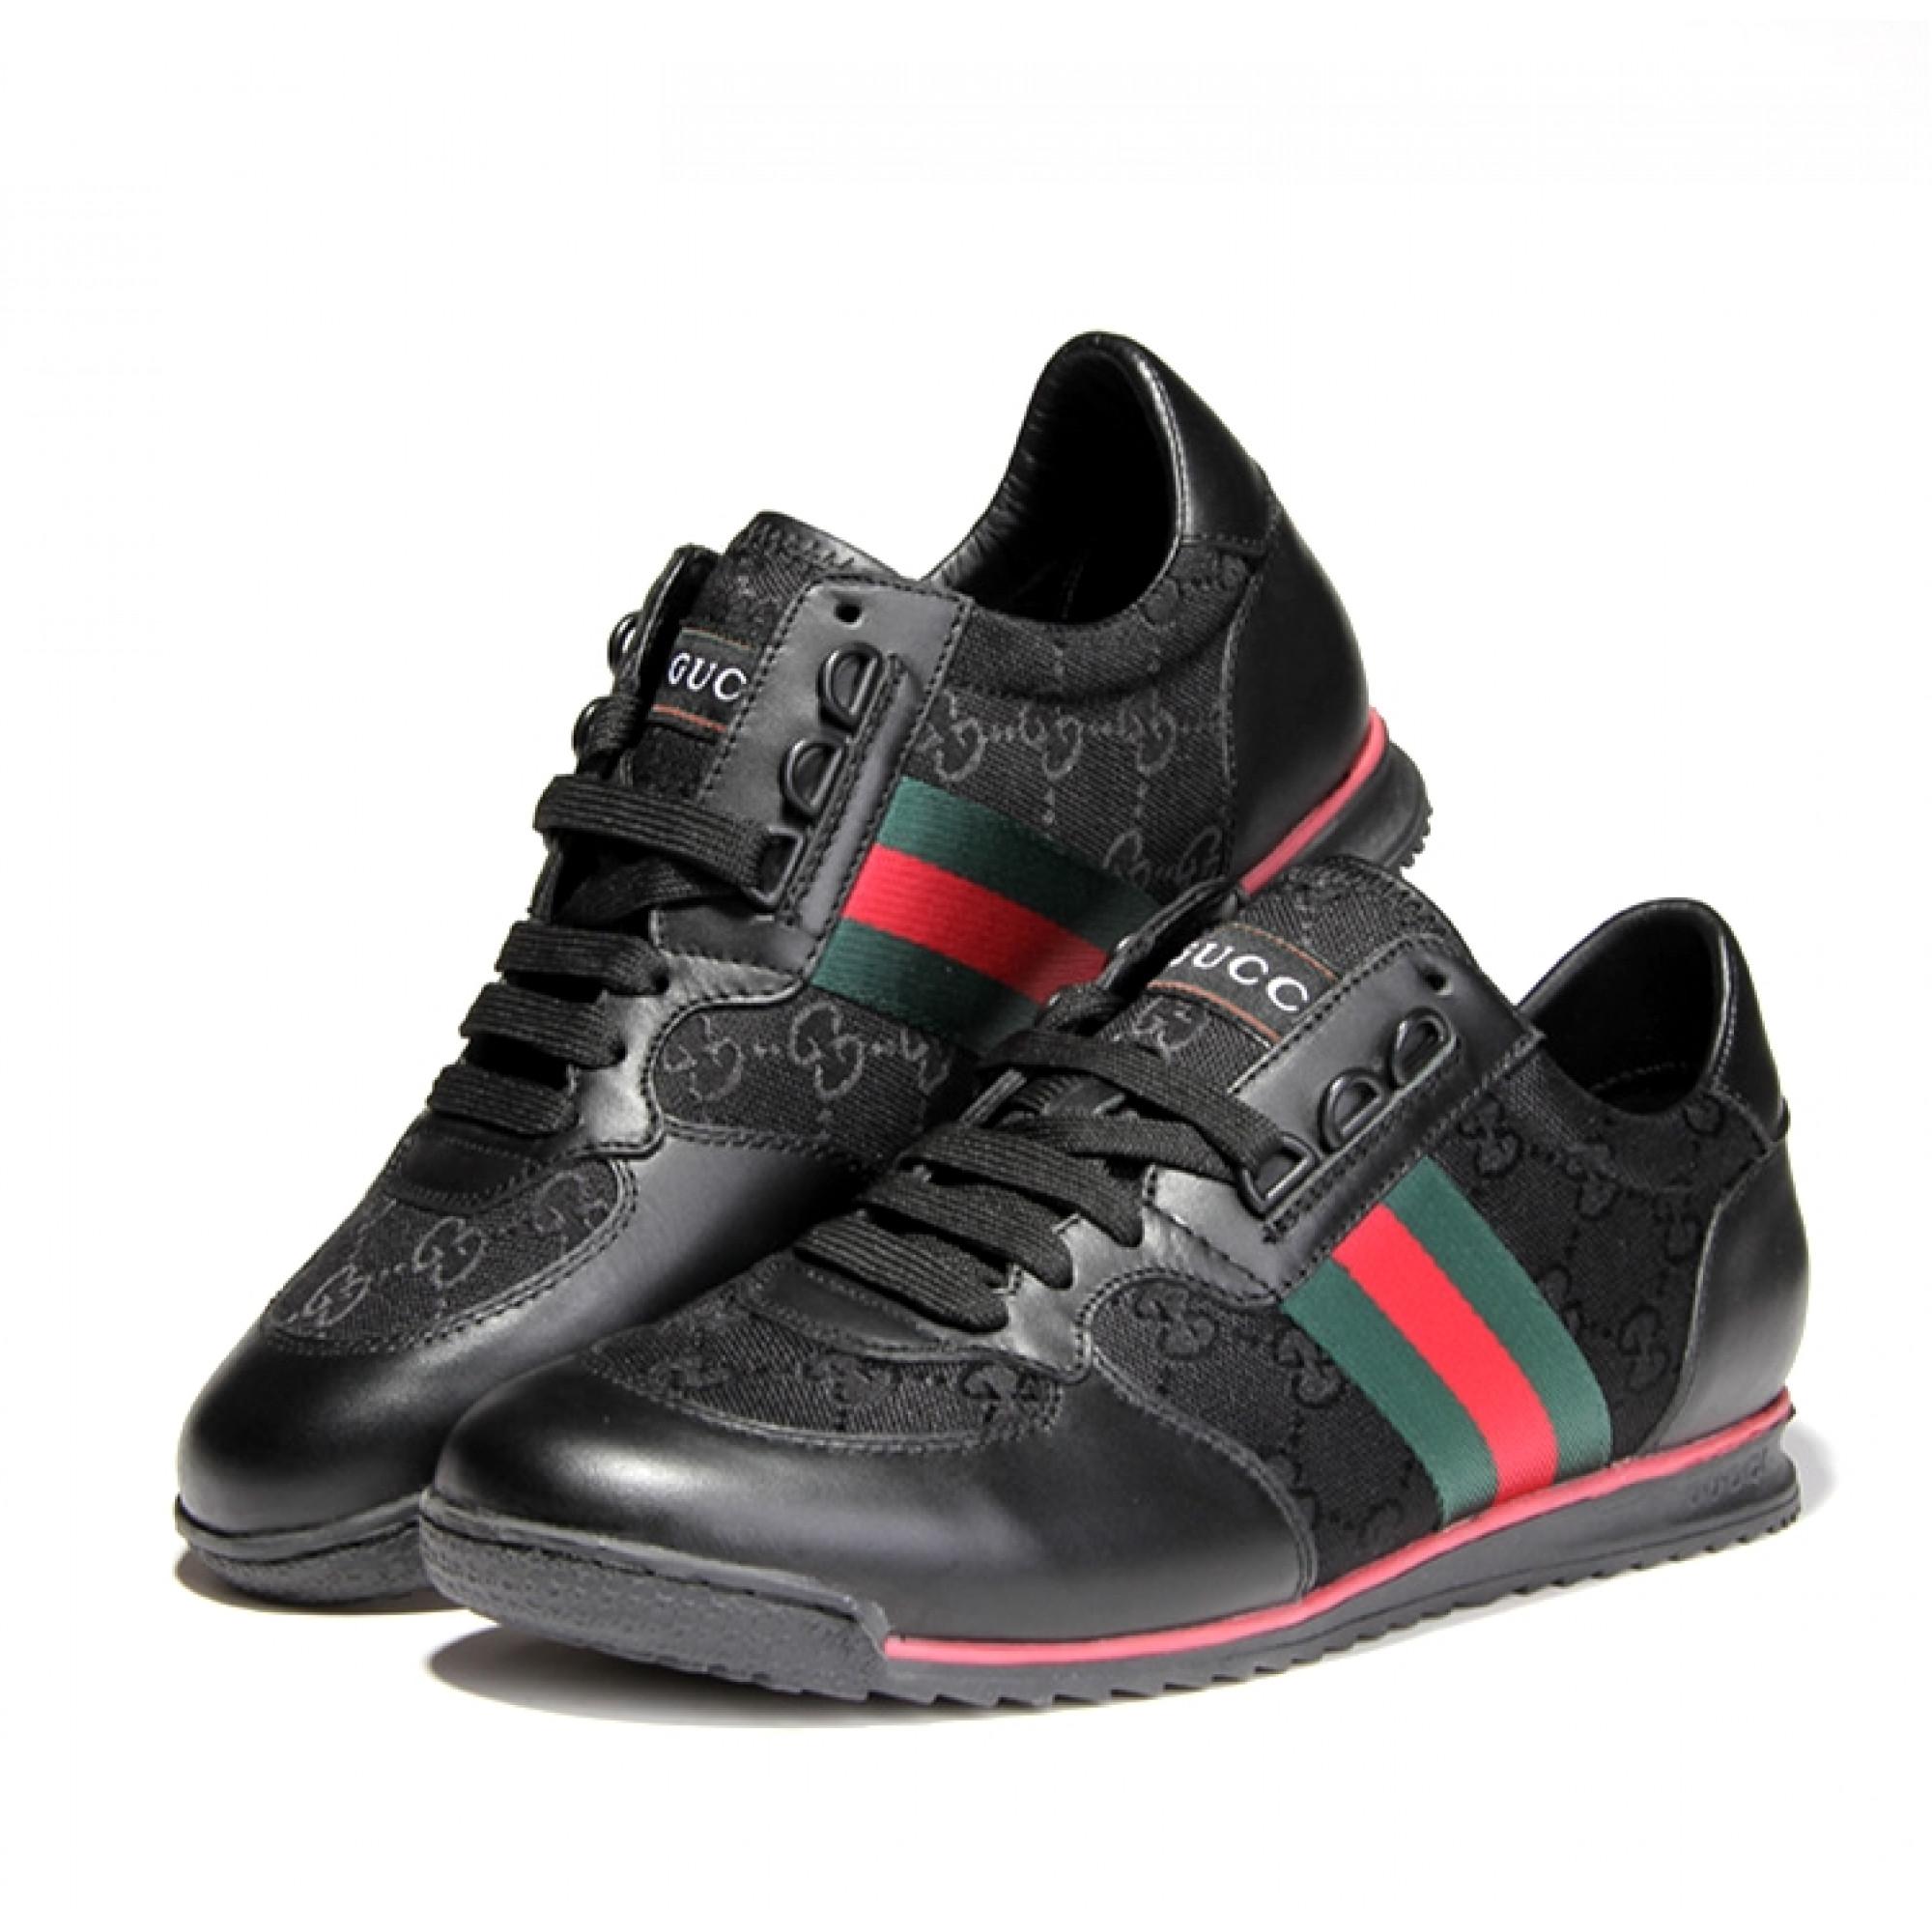 Купить черные мужские кроссовки Gucci — в Киеве, код товара 15389 fcc4906569e